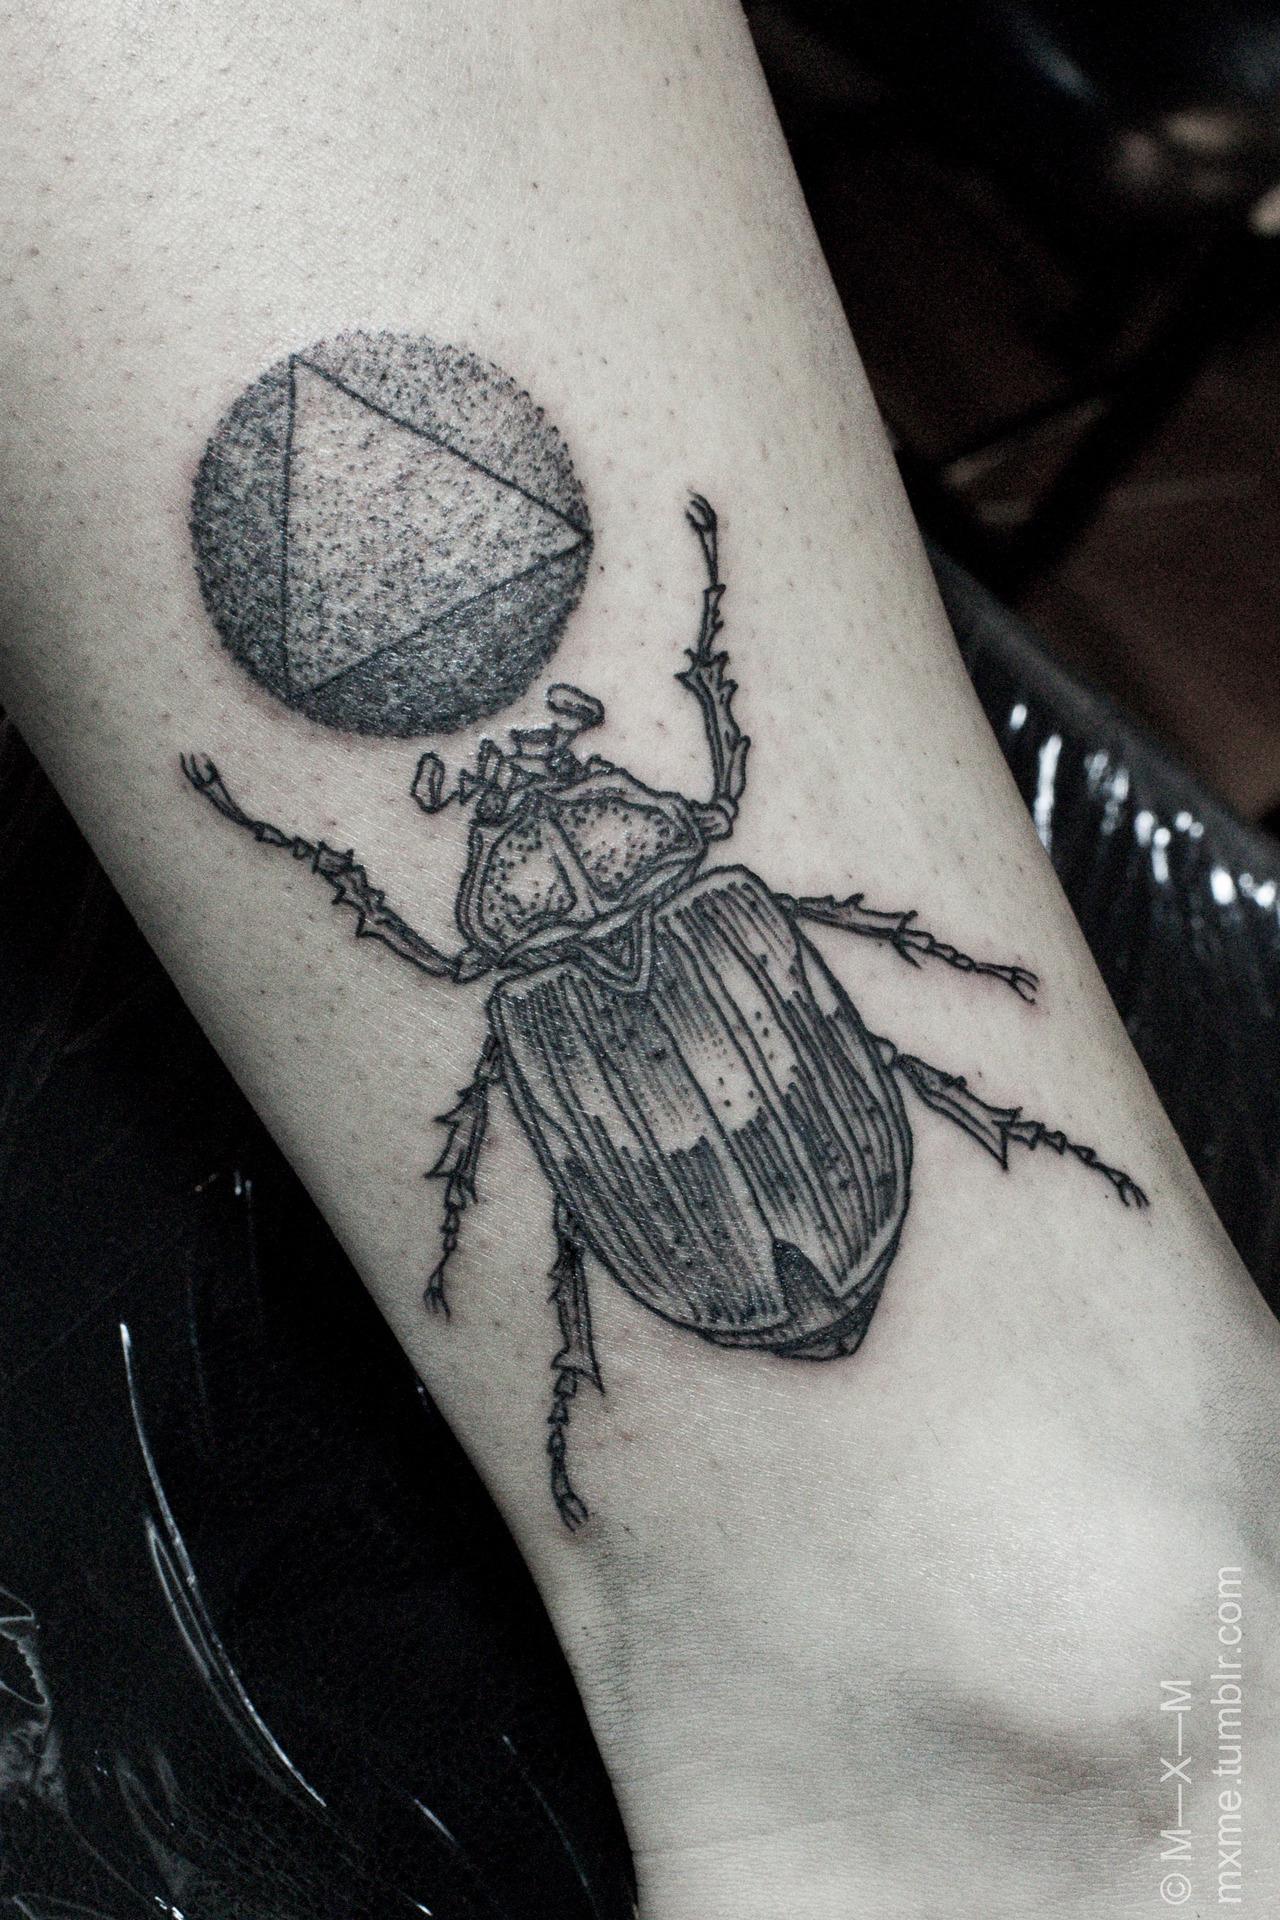 mxm tattoo